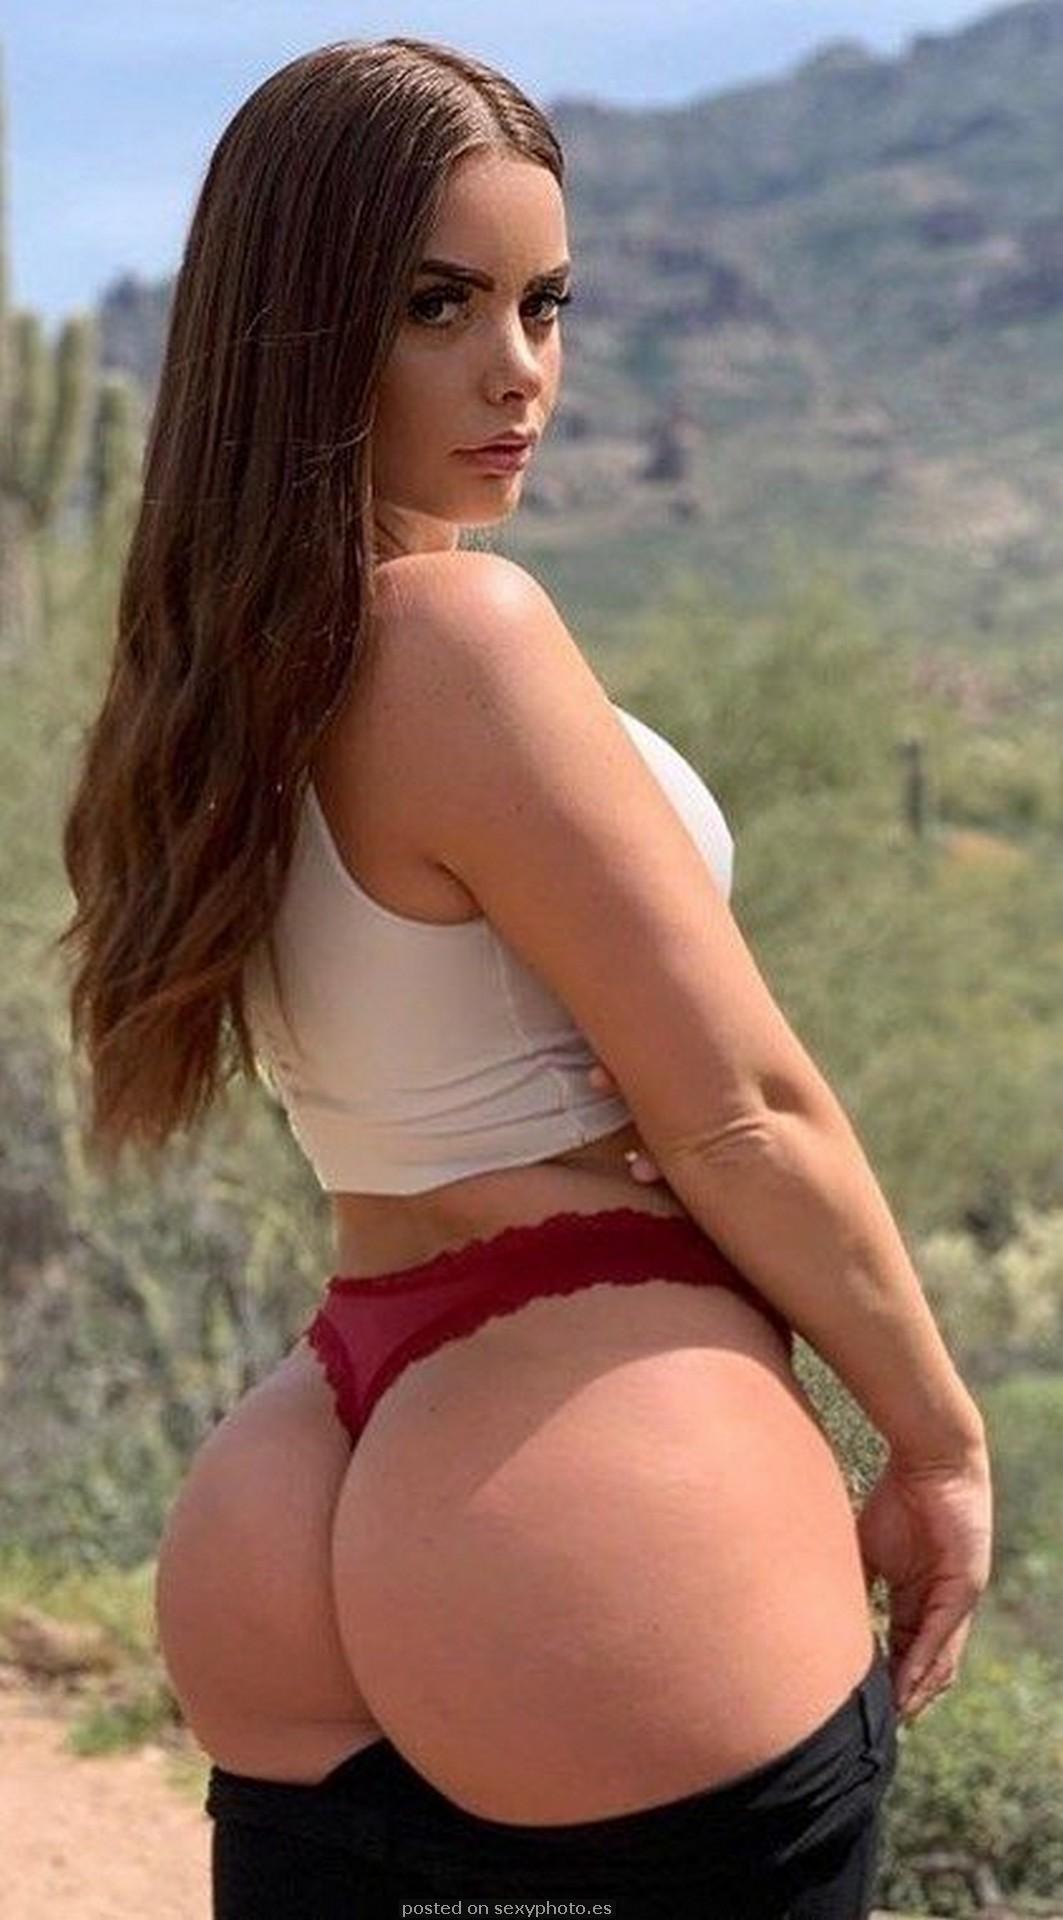 busty ass - culonas - culos perfectos - big ass - culos_fotos sexis _ photo sexy